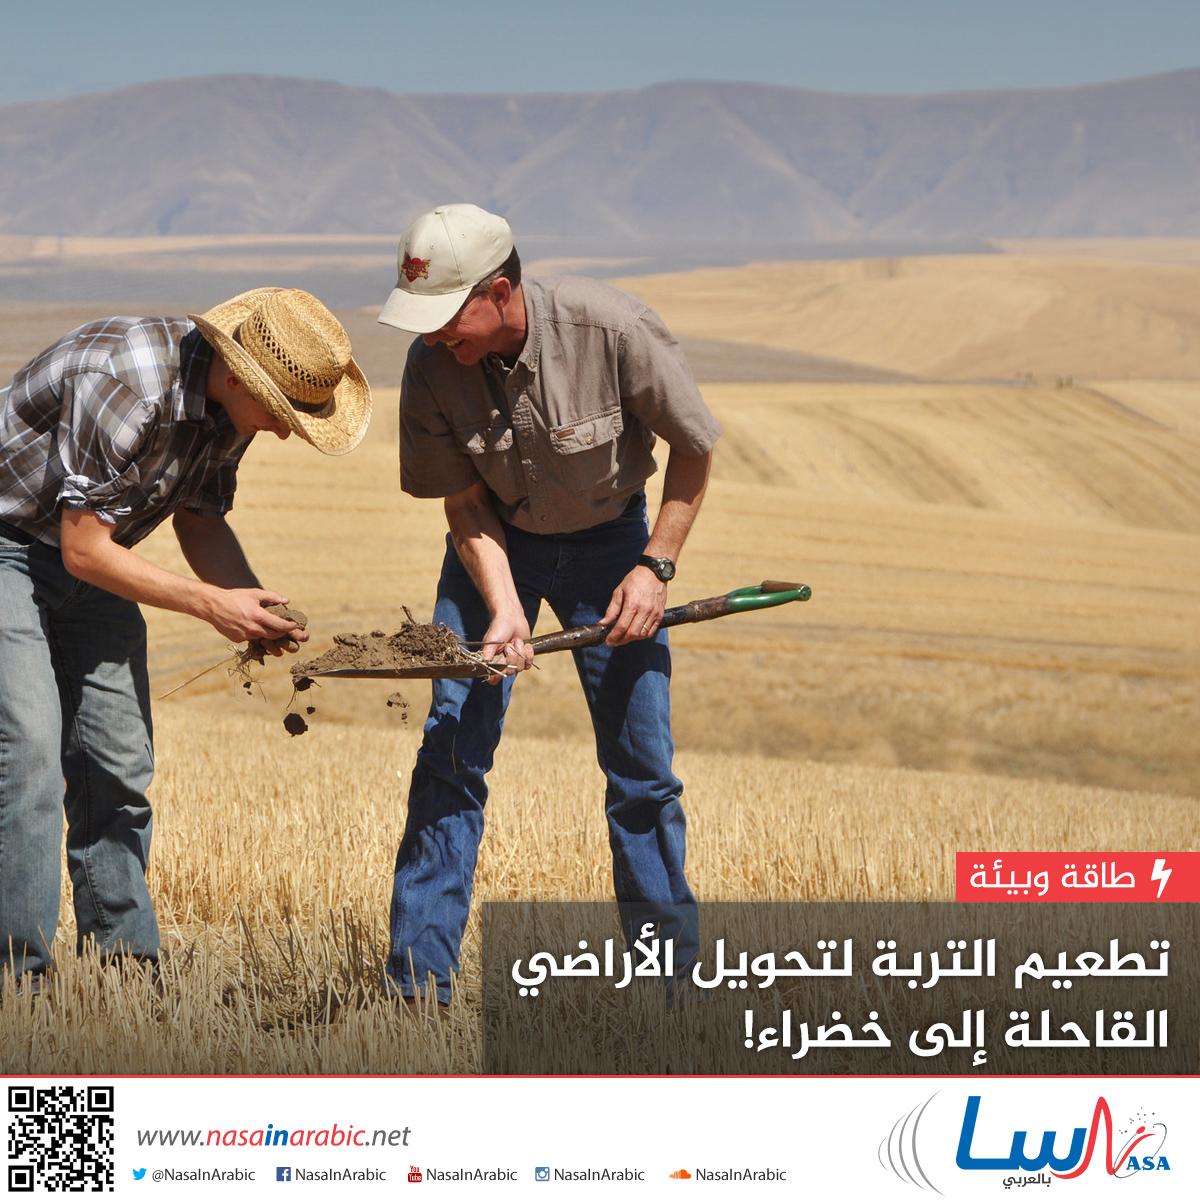 تطعيم التربة لتحويل الأراضي القاحلة إلى خضراء!